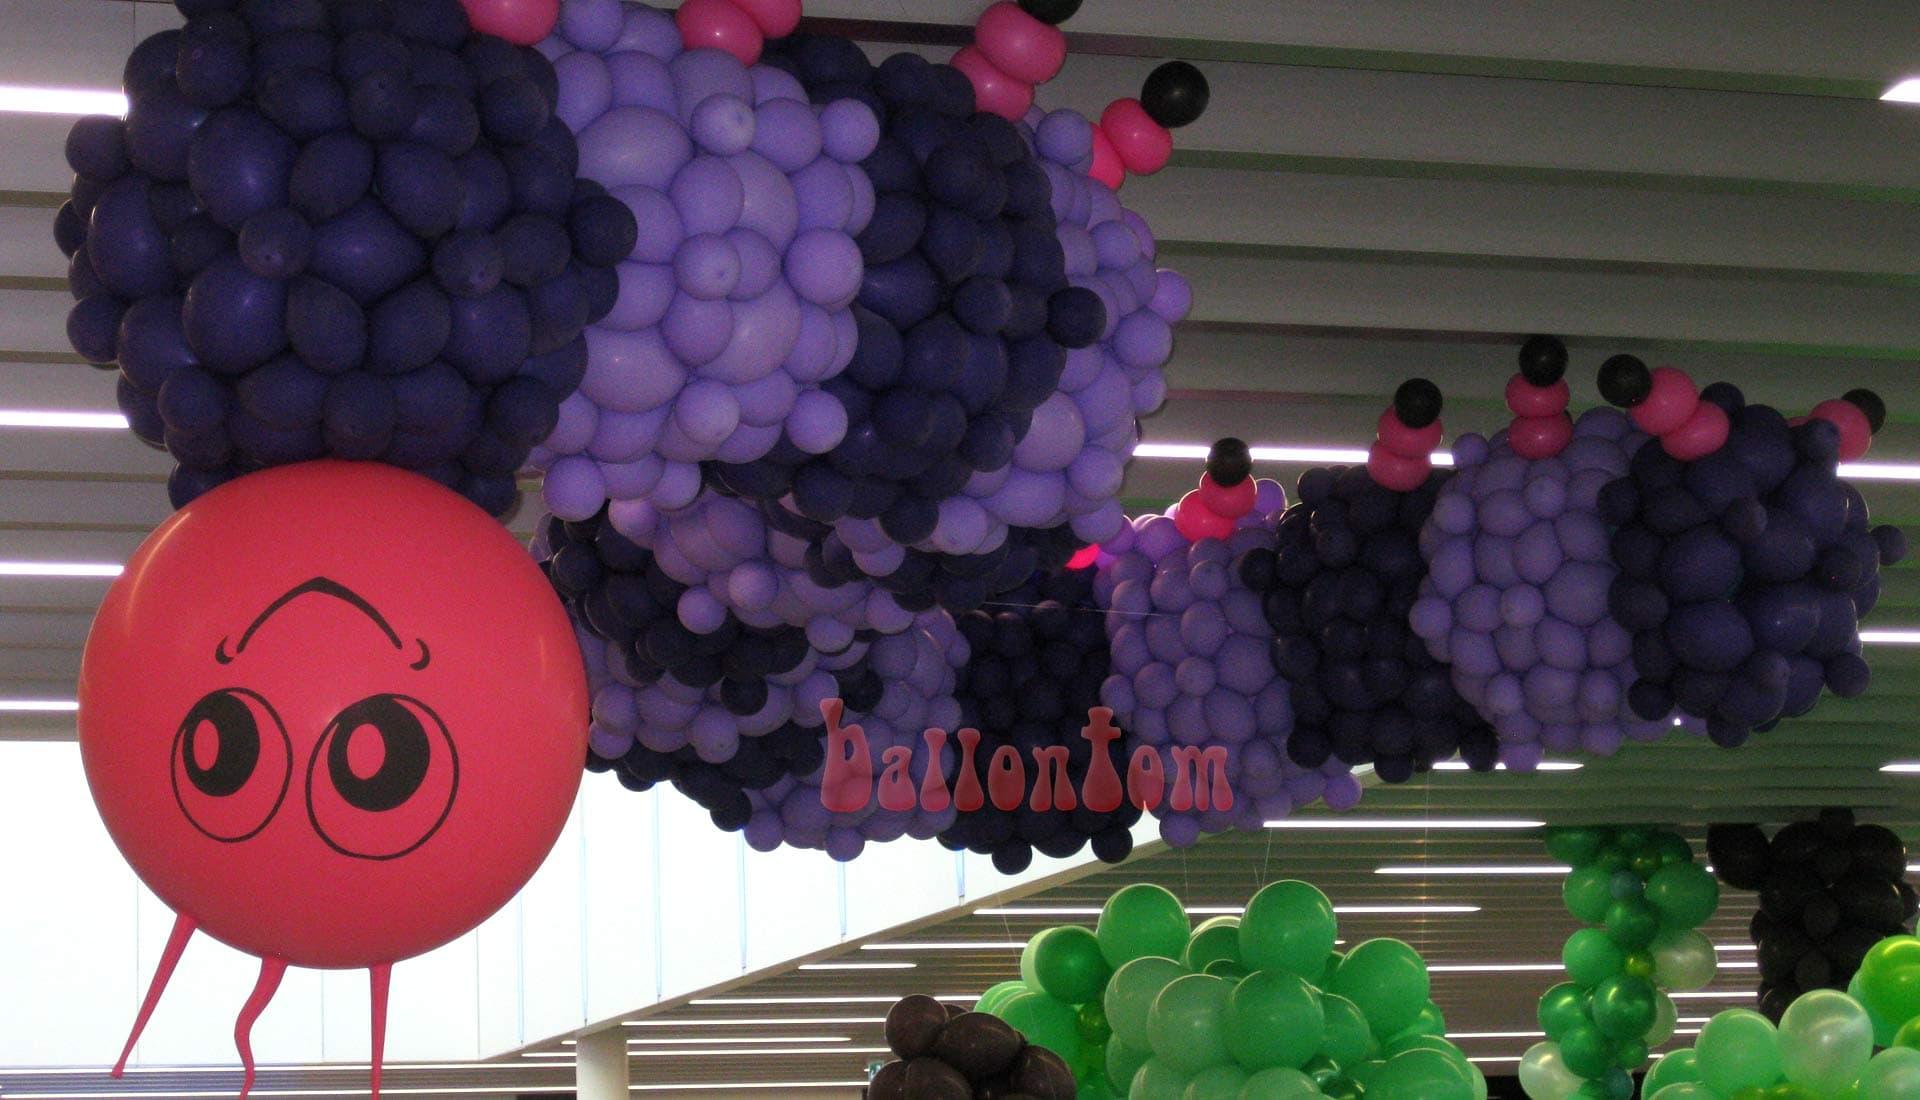 Ballonwelt Lausanne - Schweiz - Raupe - Projekt: Canniballoon Team Didier Dvorak - Unterstützt durch ballontom